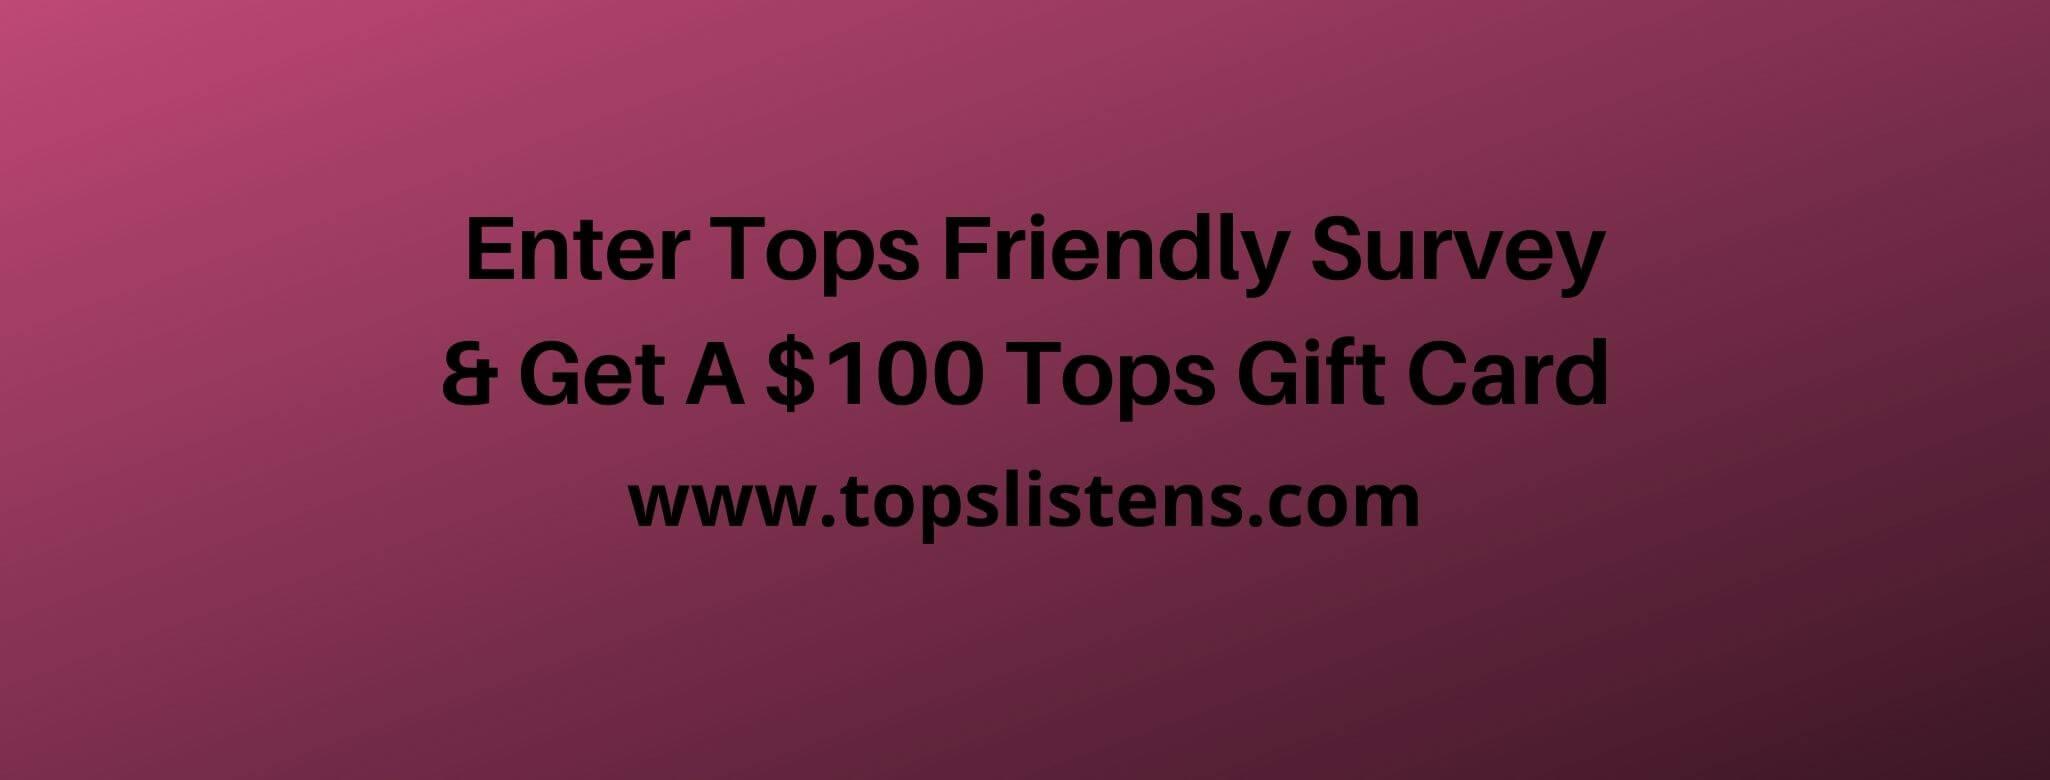 topslistens.com survey